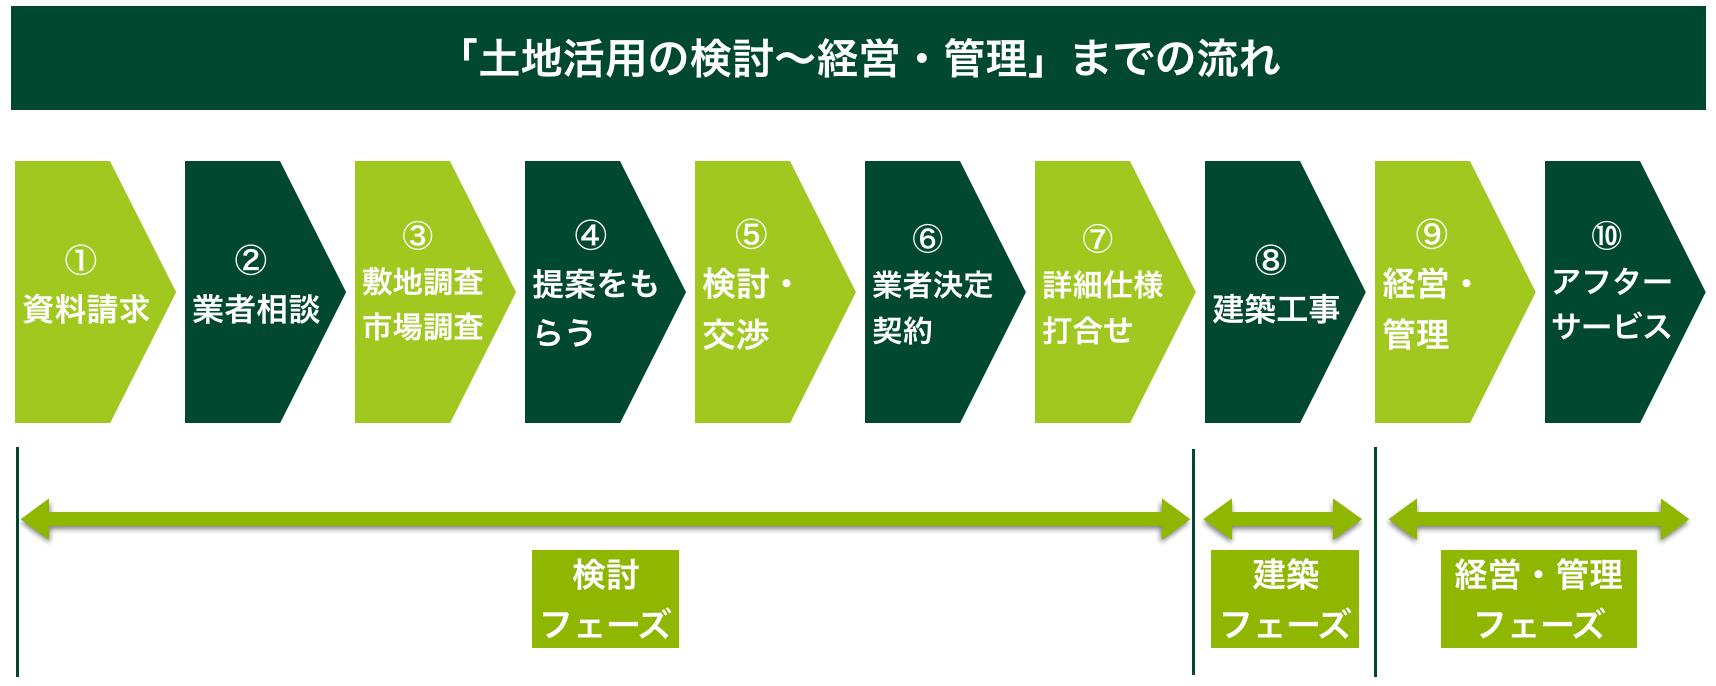 「土地活用の検討〜経営・管理」までの流れ